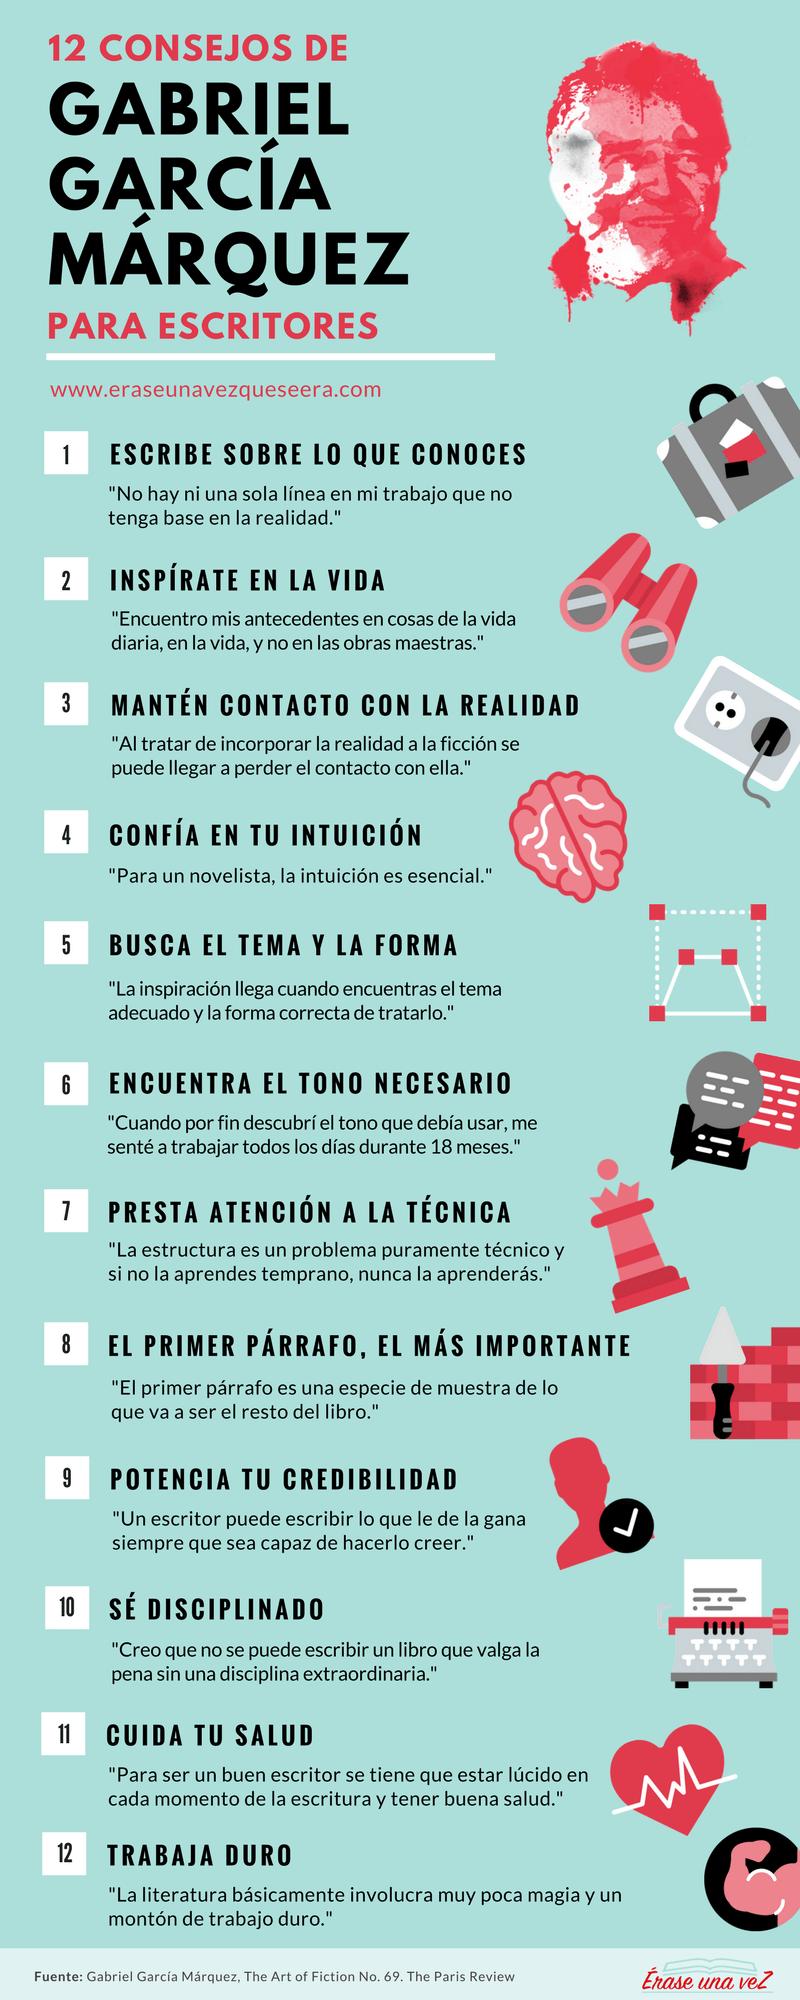 12 consejos de García Márquez para escritores